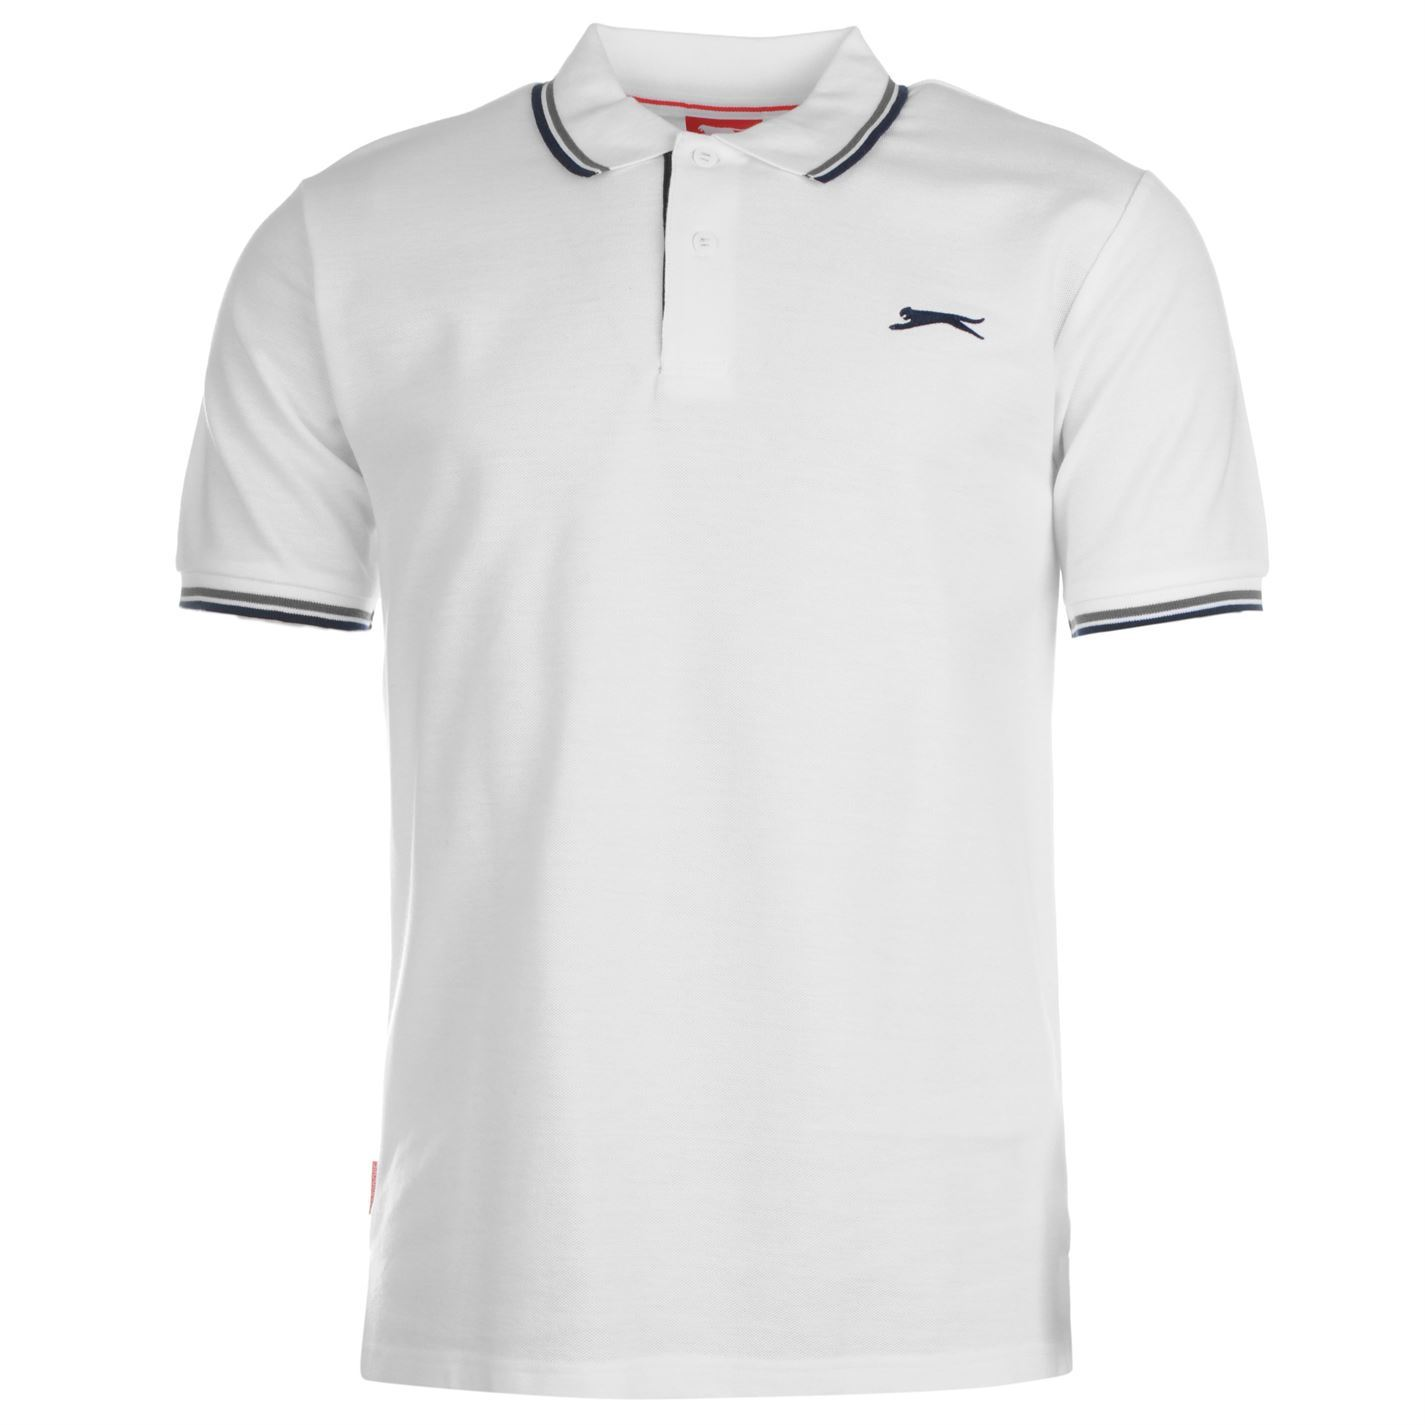 Slazenger-Polo-Camisa-de-hombre-con-cuello-con-Punta-T-Shirt-Top-Camiseta-Tee miniatura 83